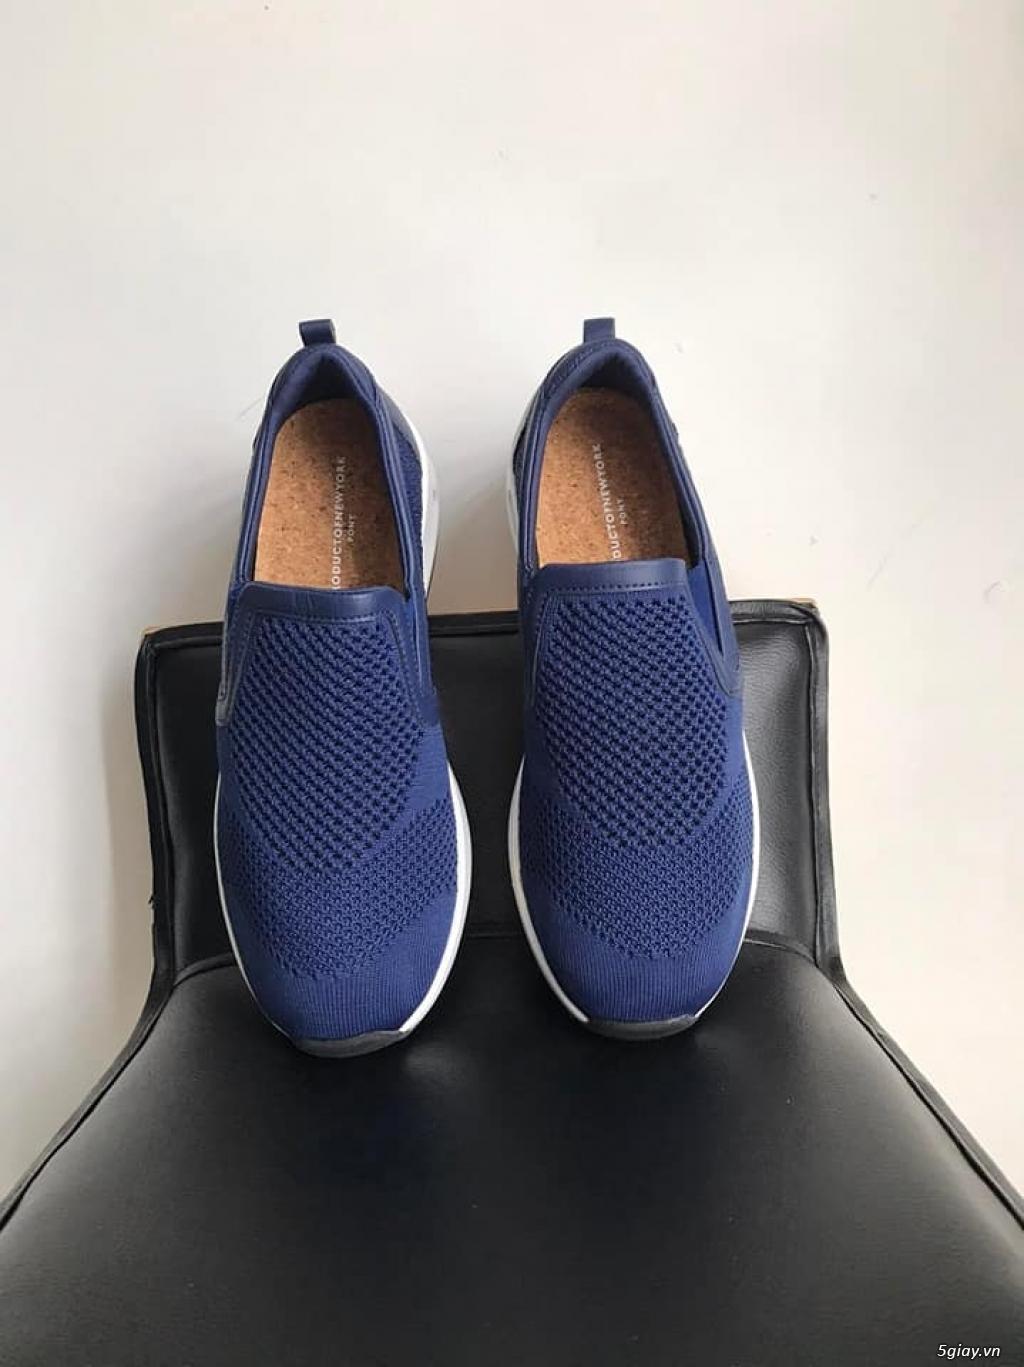 Giày xịn xuất dư, da thật 100% - 2